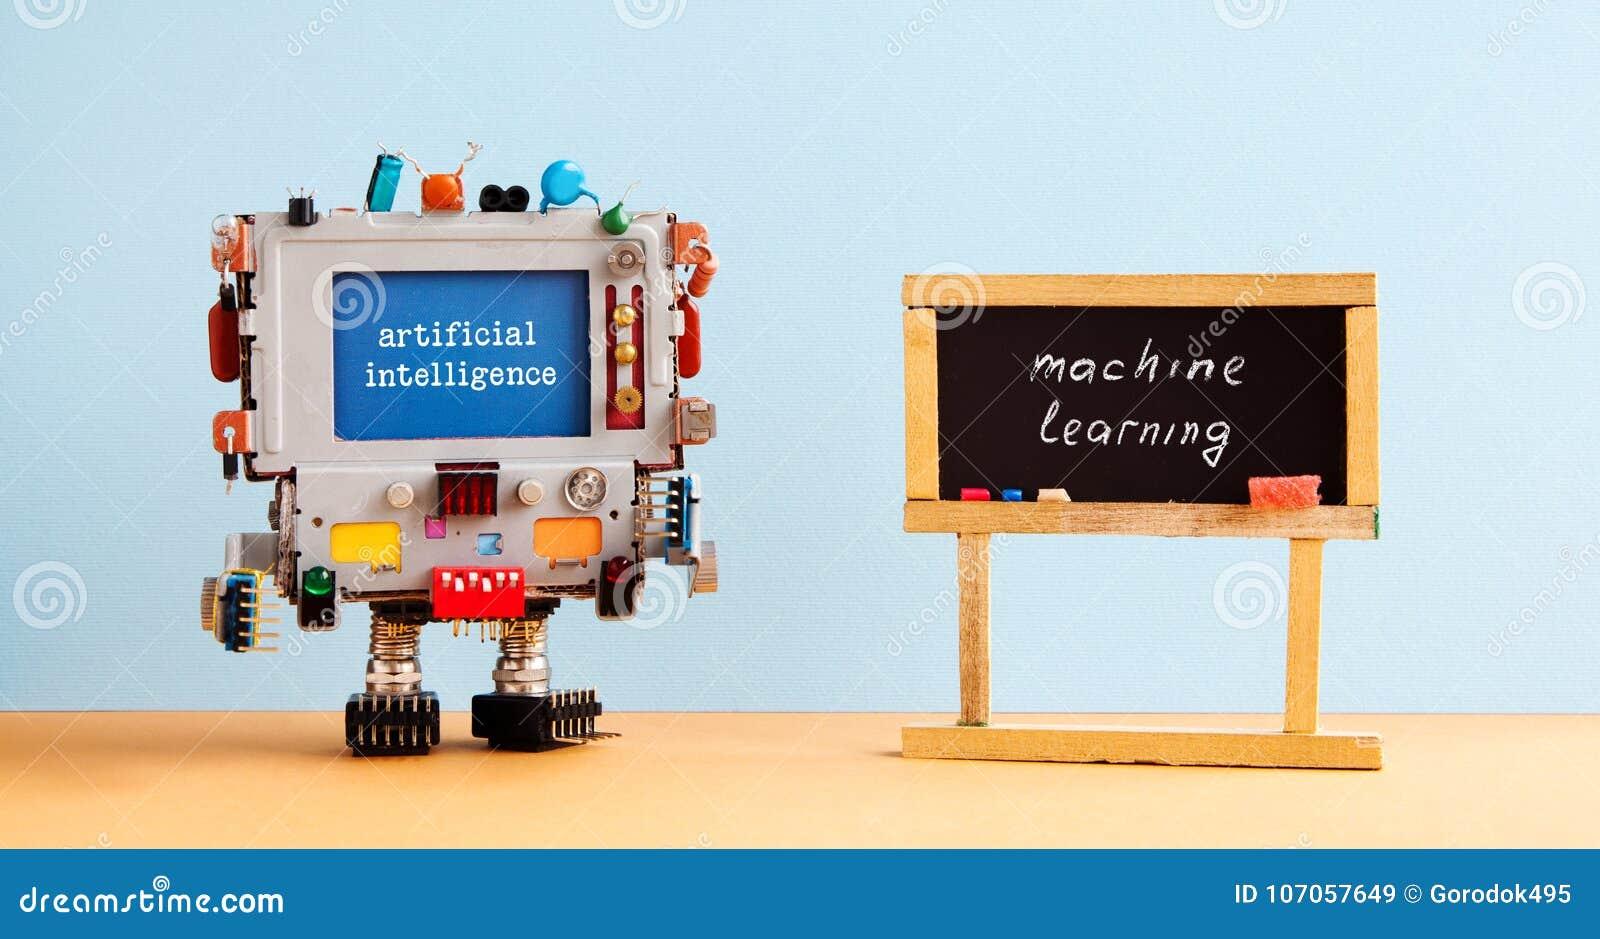 Машинное обучение искусственного интеллекта Интерьер класса доски черноты компьютера робота, будущая концепция технологии